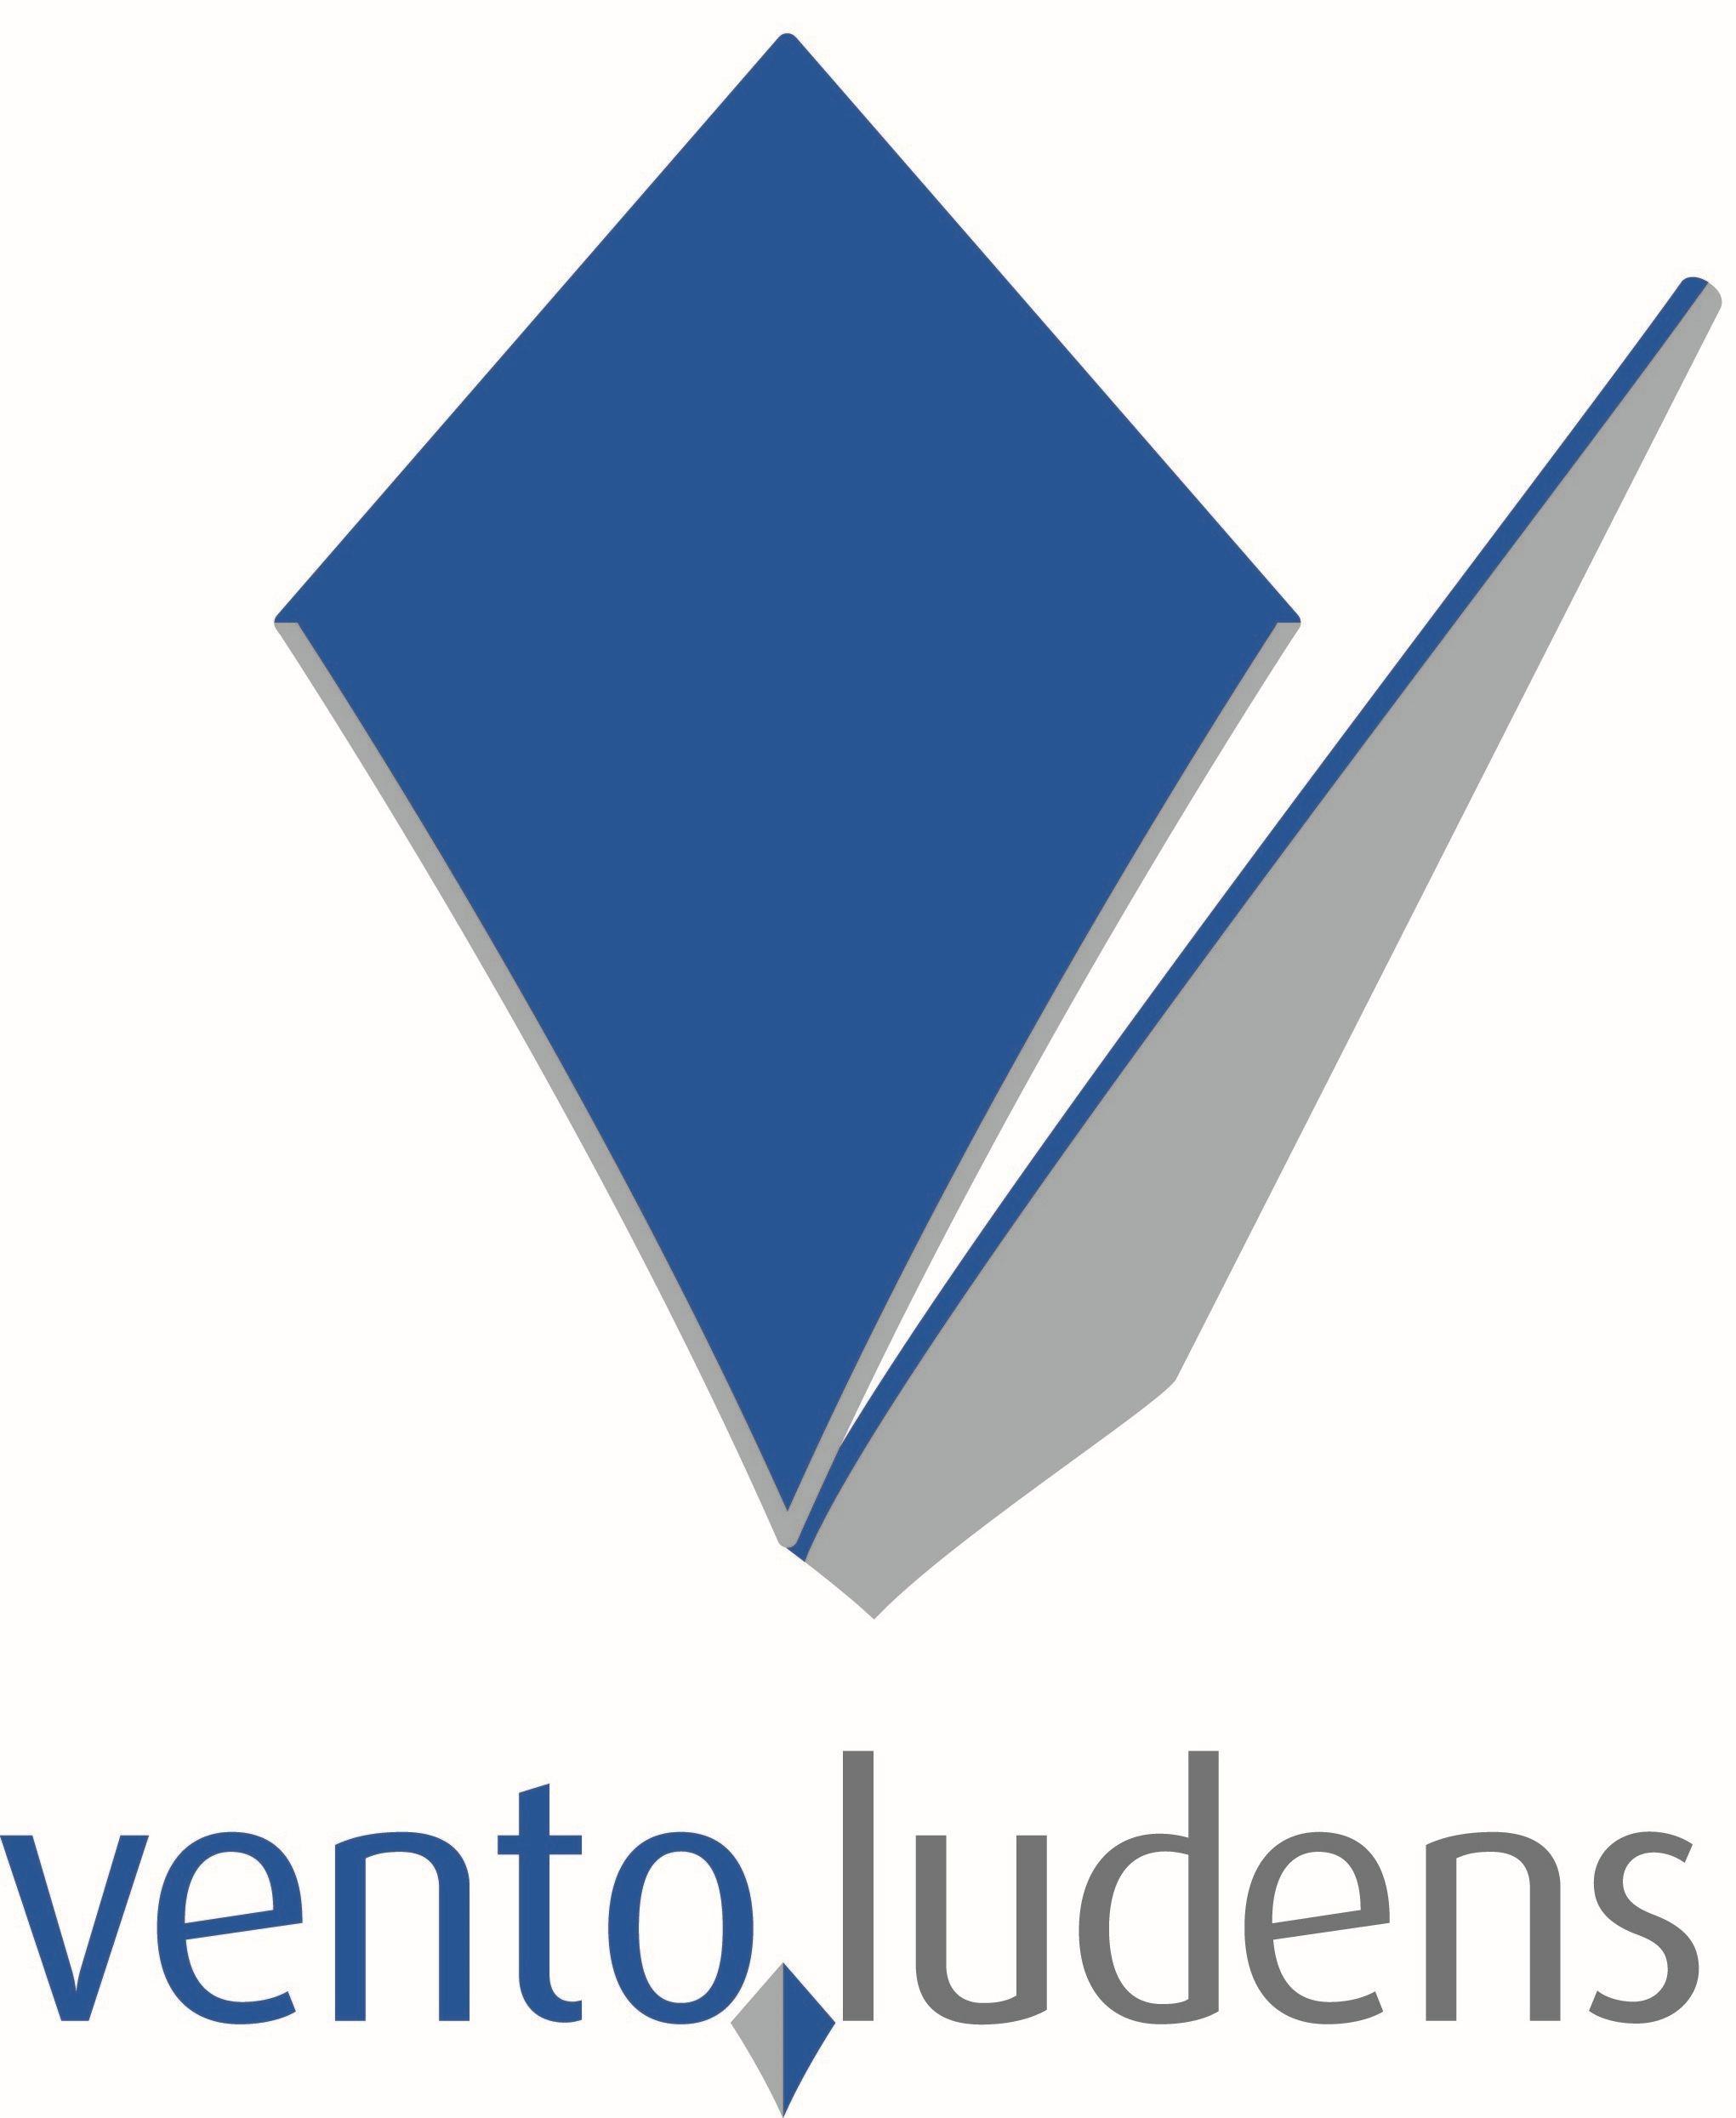 vento ludens GmbH & Co. KG